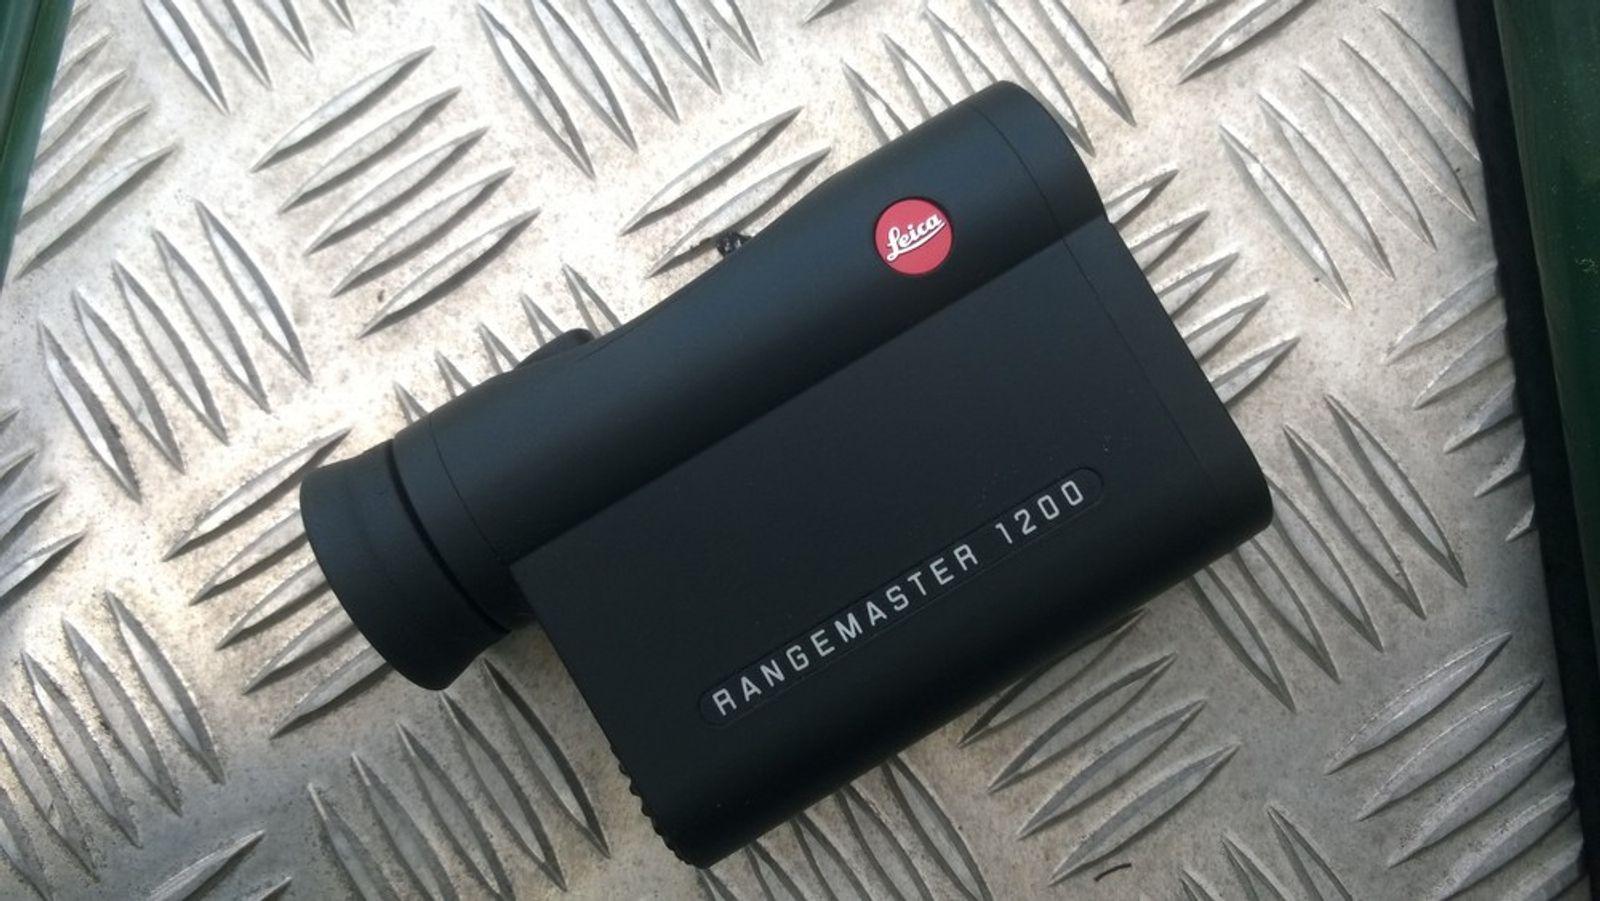 Entfernungsmesser Jagd Leica : Leica rangemaster klein und präzise